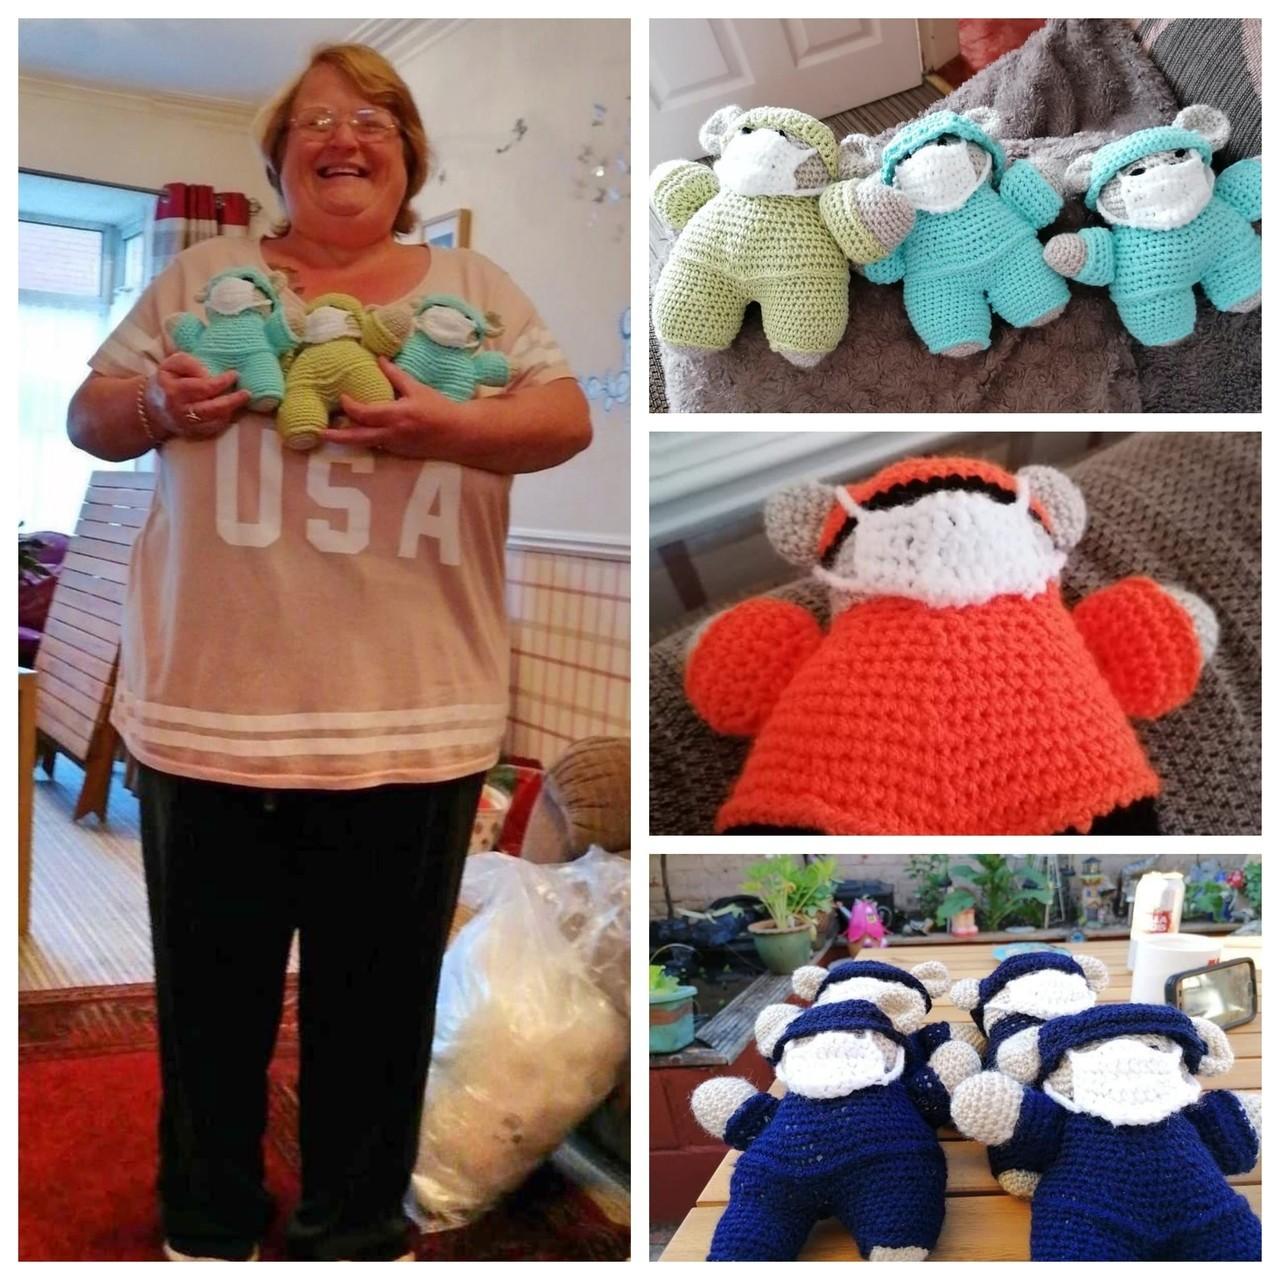 Talented Sandra from Asda Hessle helps NHS | Asda Hessle